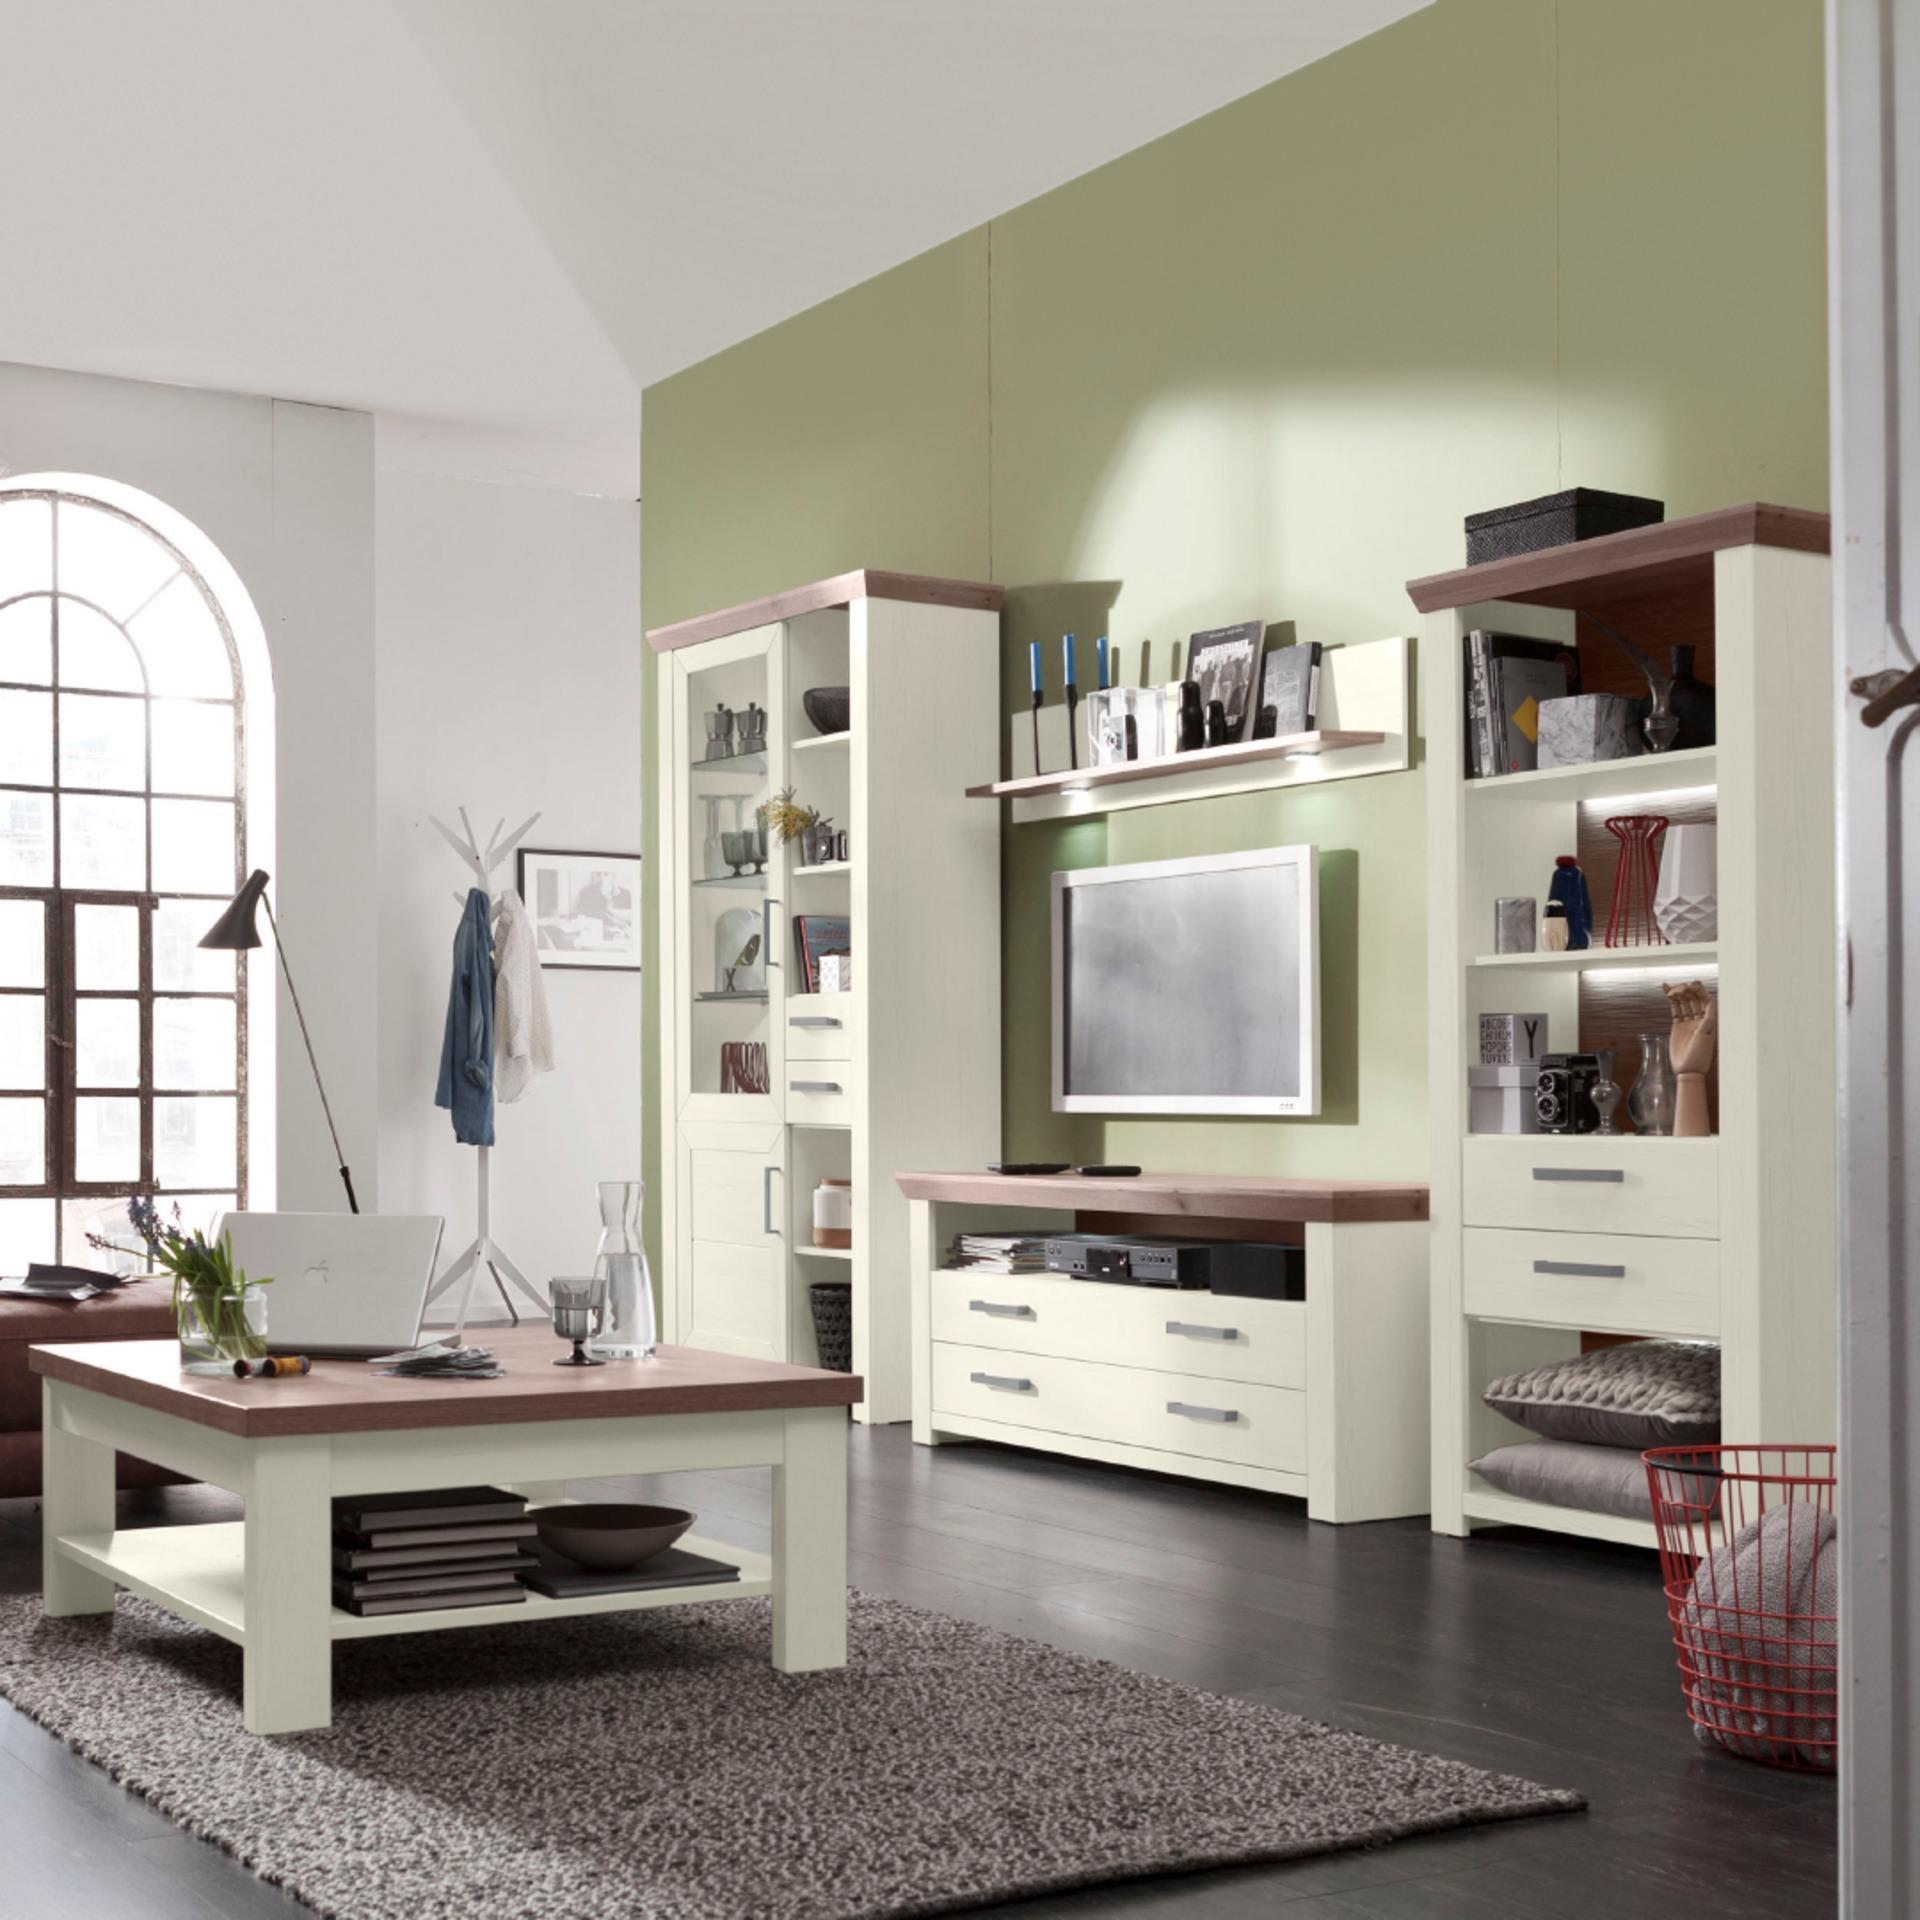 Segmüller Wohnzimmer Einrichtung